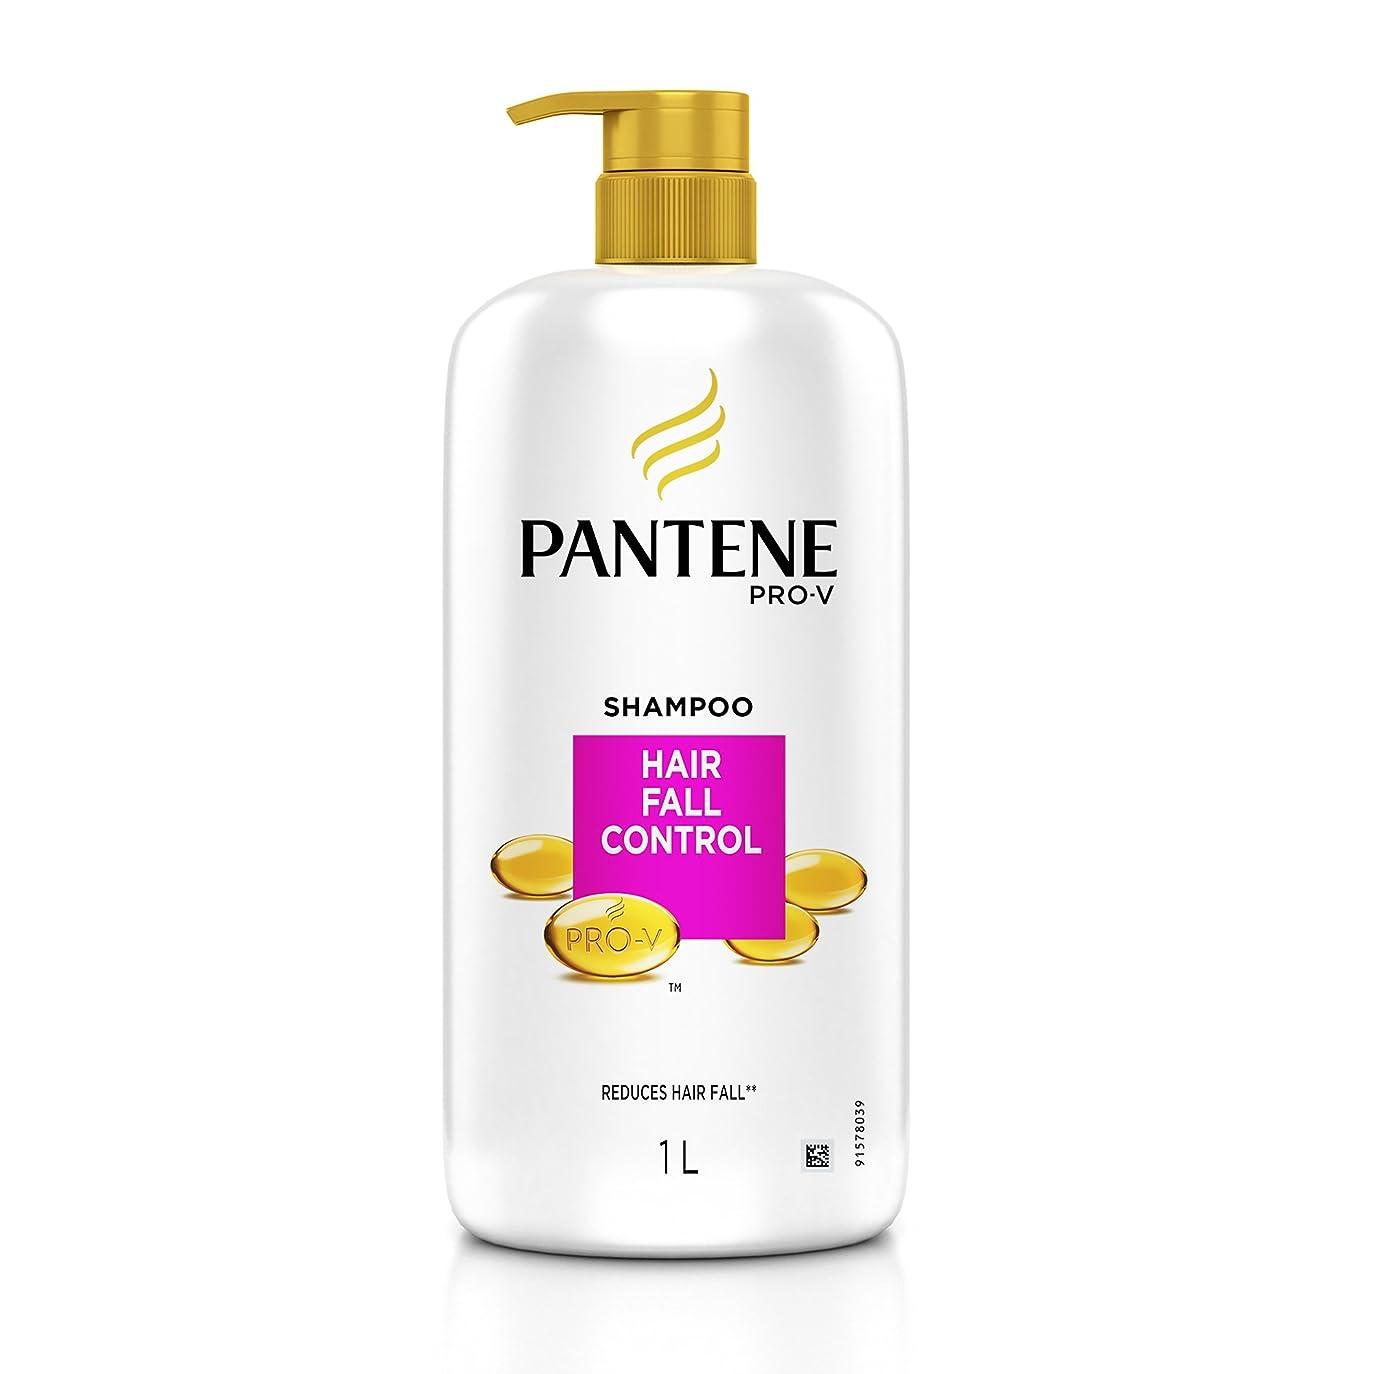 二週間スキャン世界の窓PANTENE Hair Fall control SHAMPOO 1 Ltr. (PANTENEヘアフォールコントロールSHAMPOO 1 Ltr。)